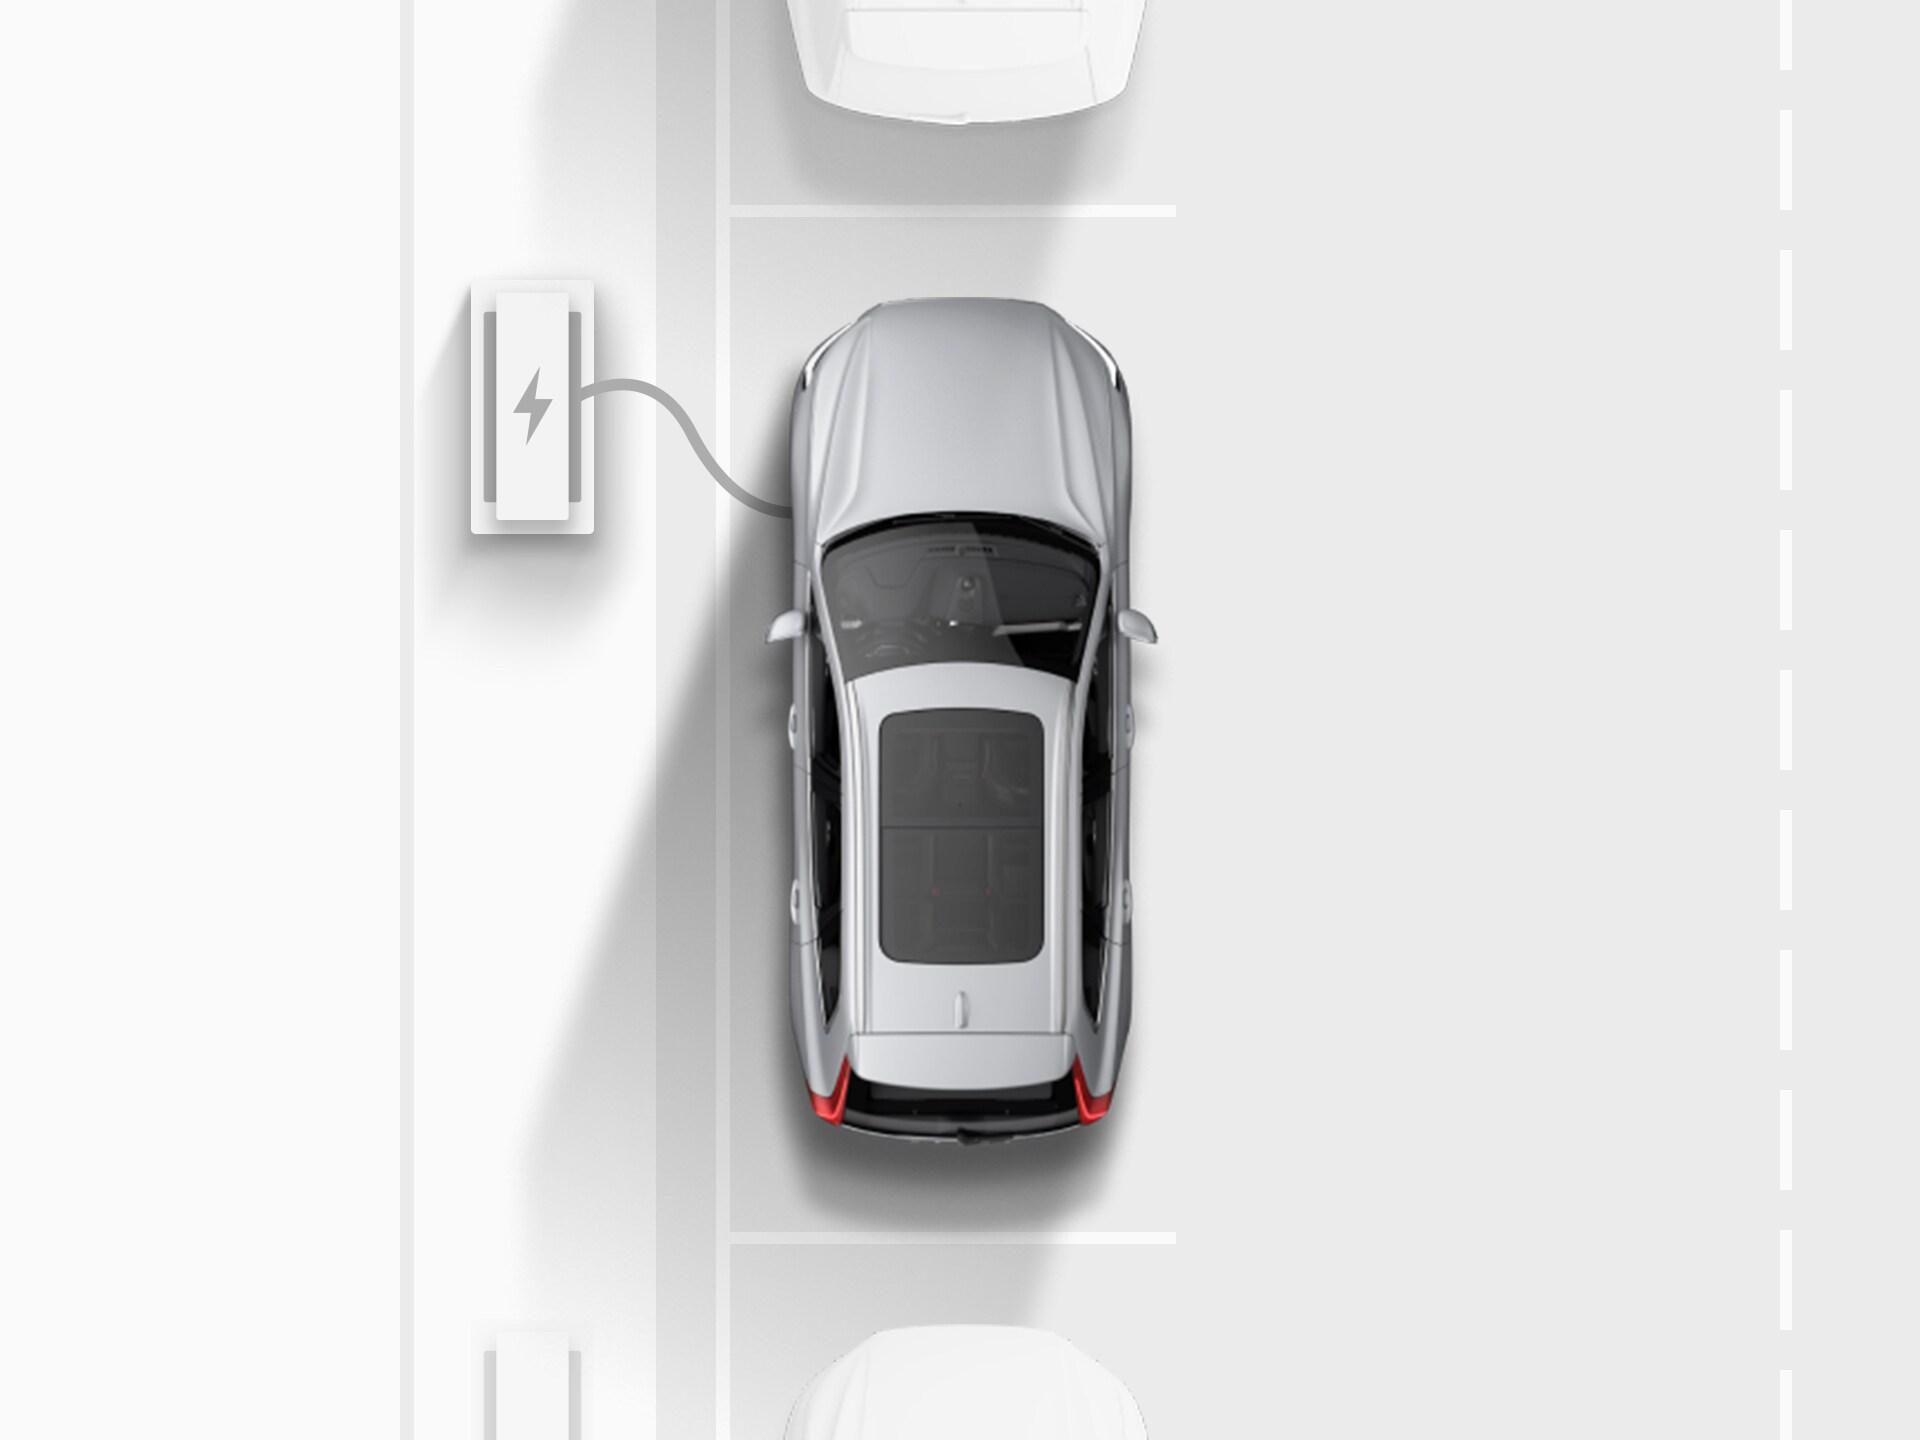 Вид сверху, цифровой чертеж серебристого внедорожника Volvo XC40 Recharge Pure Electric, подключенного к общедоступной зарядной станции на улице.